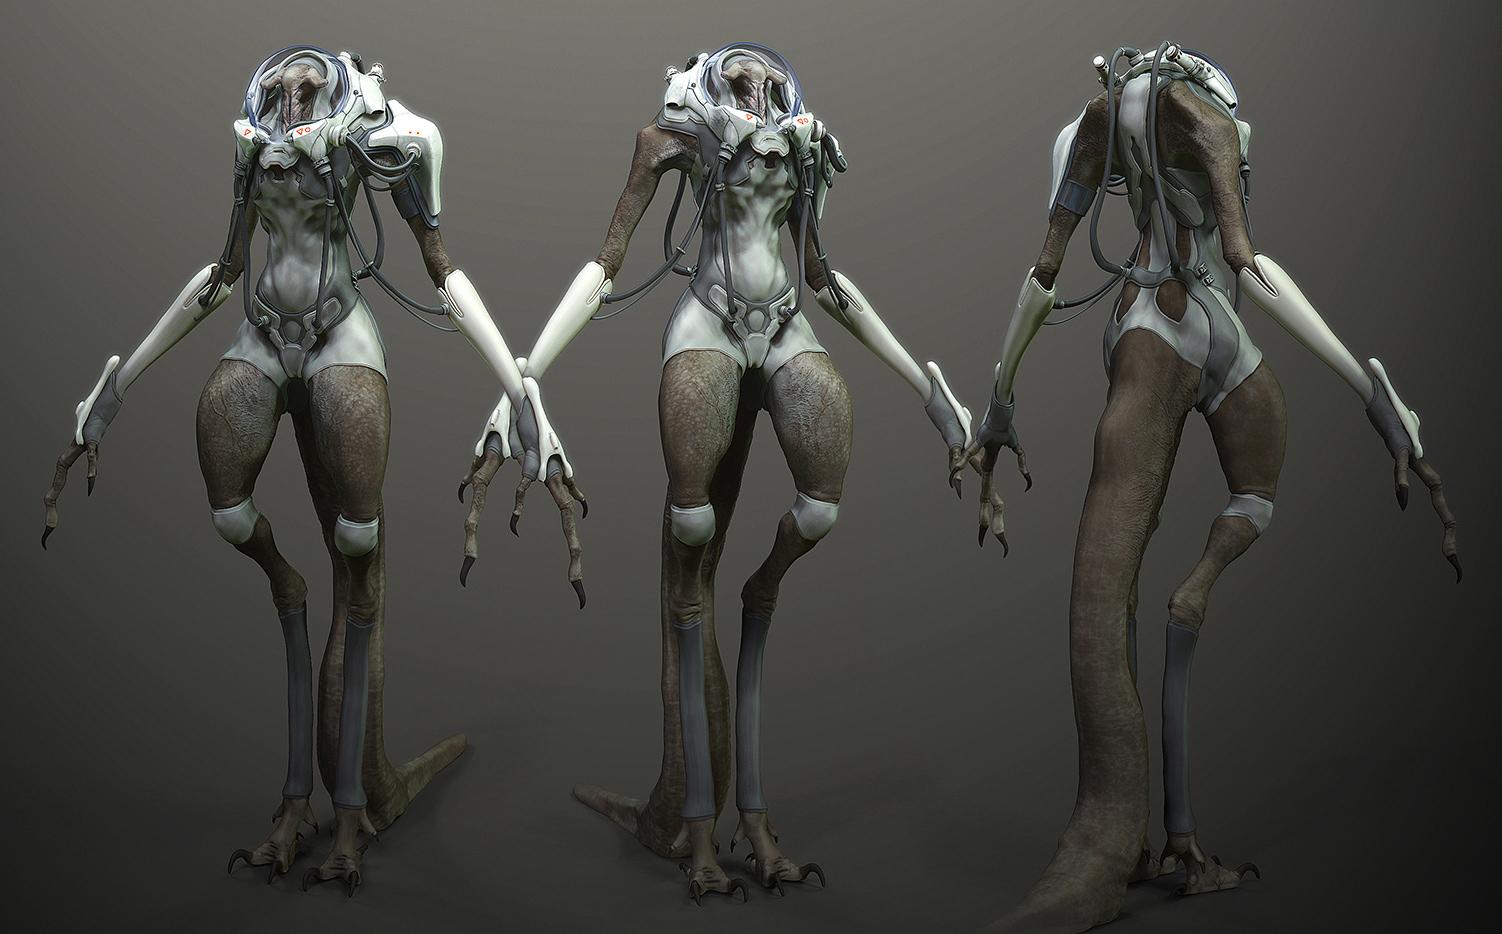 Nude female alien porn nsfw pics